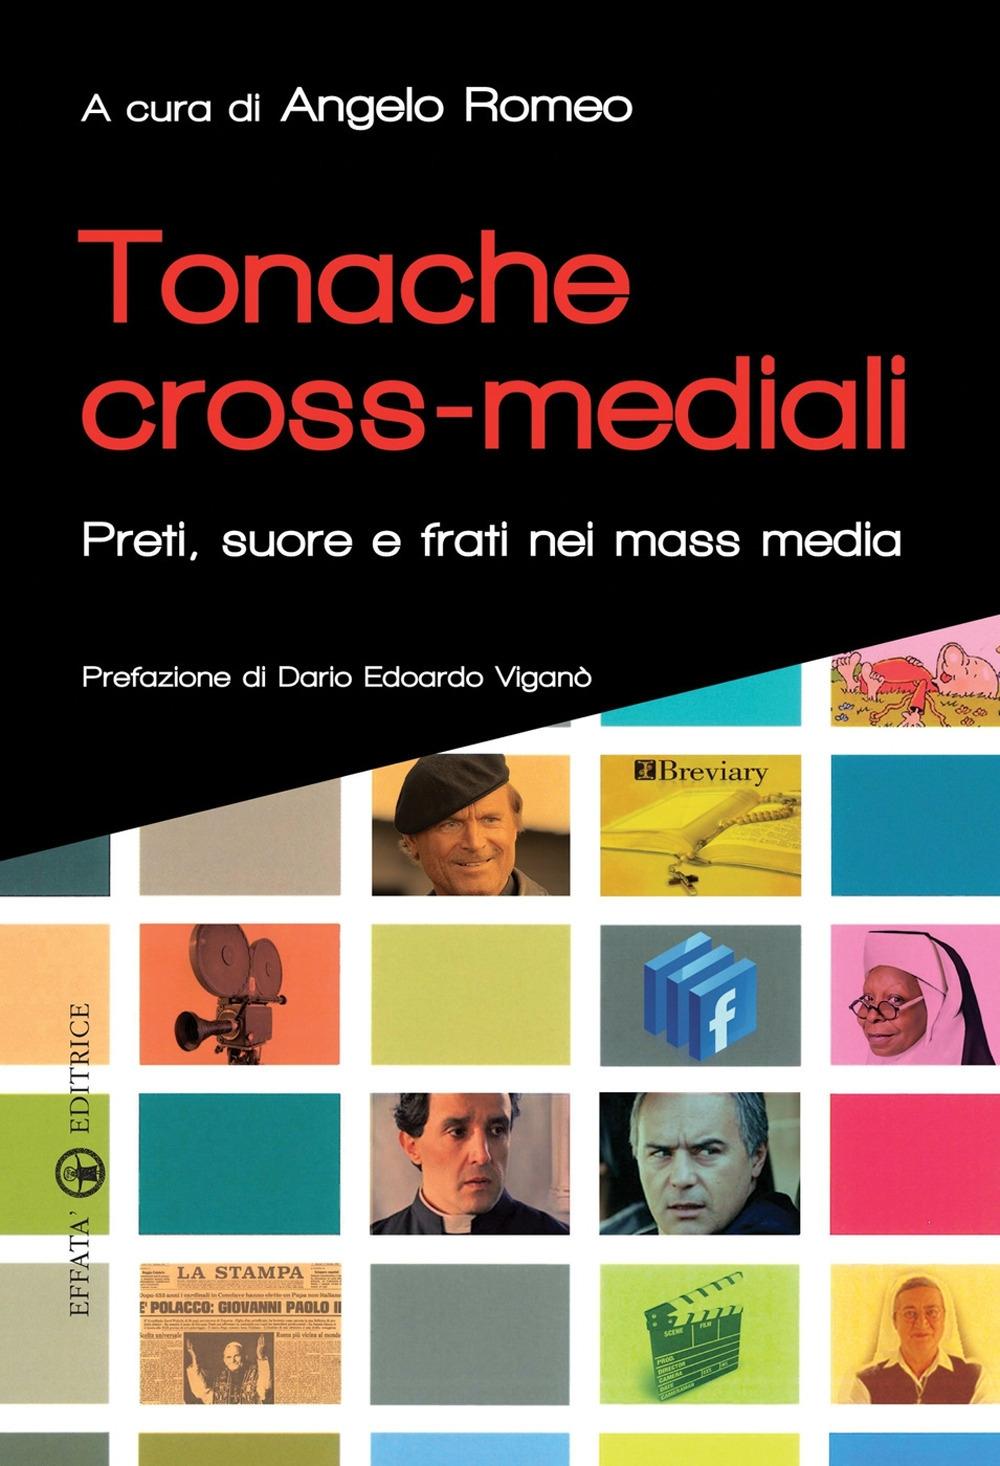 Tonache cross-mediali. Preti, suore e frati nei mass media.